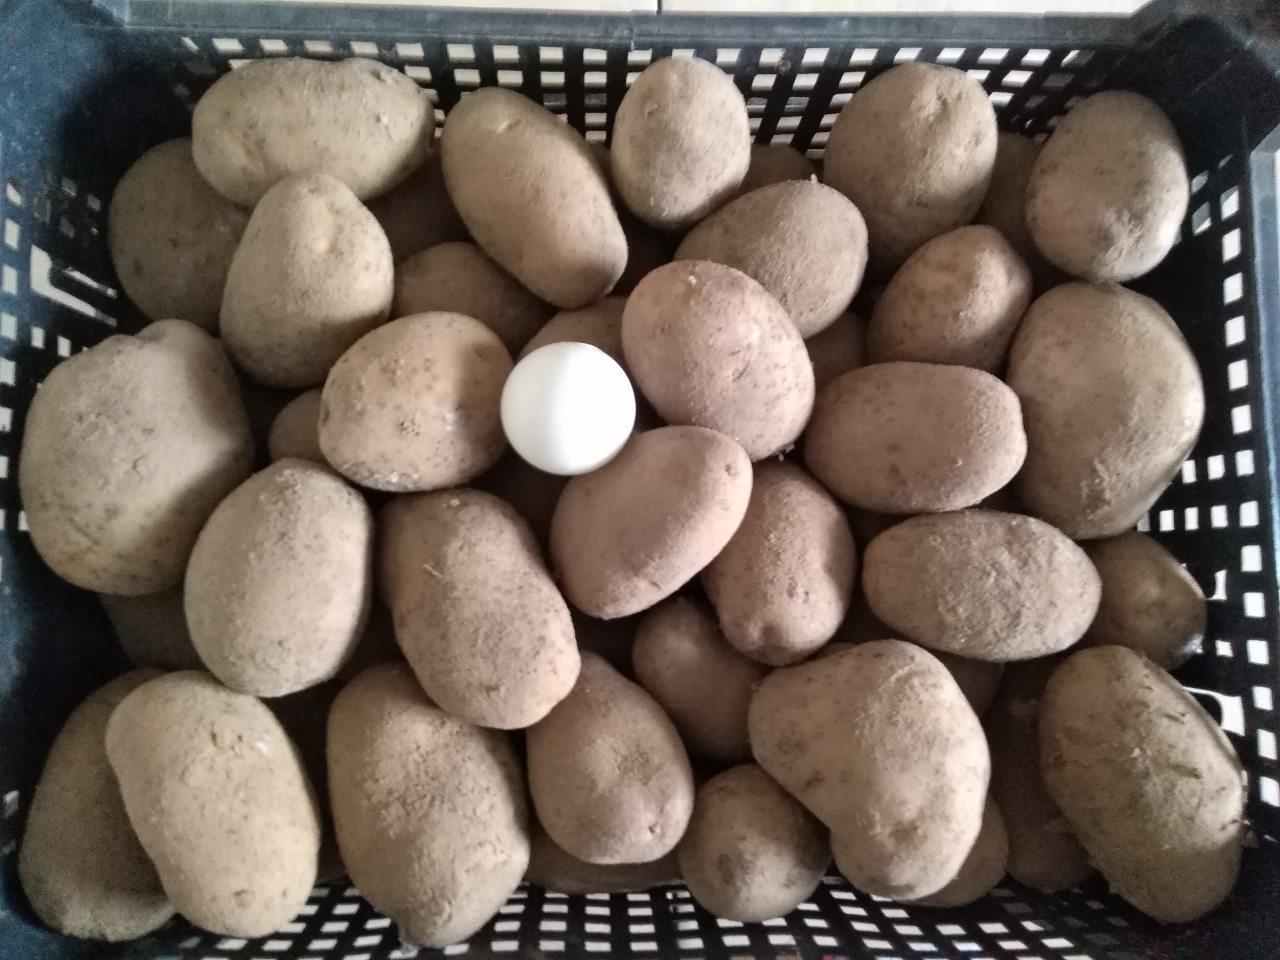 Сорт картофеля лорх: описание с фото и характеристиками внешнего вида, а также инструкция по выращиванию